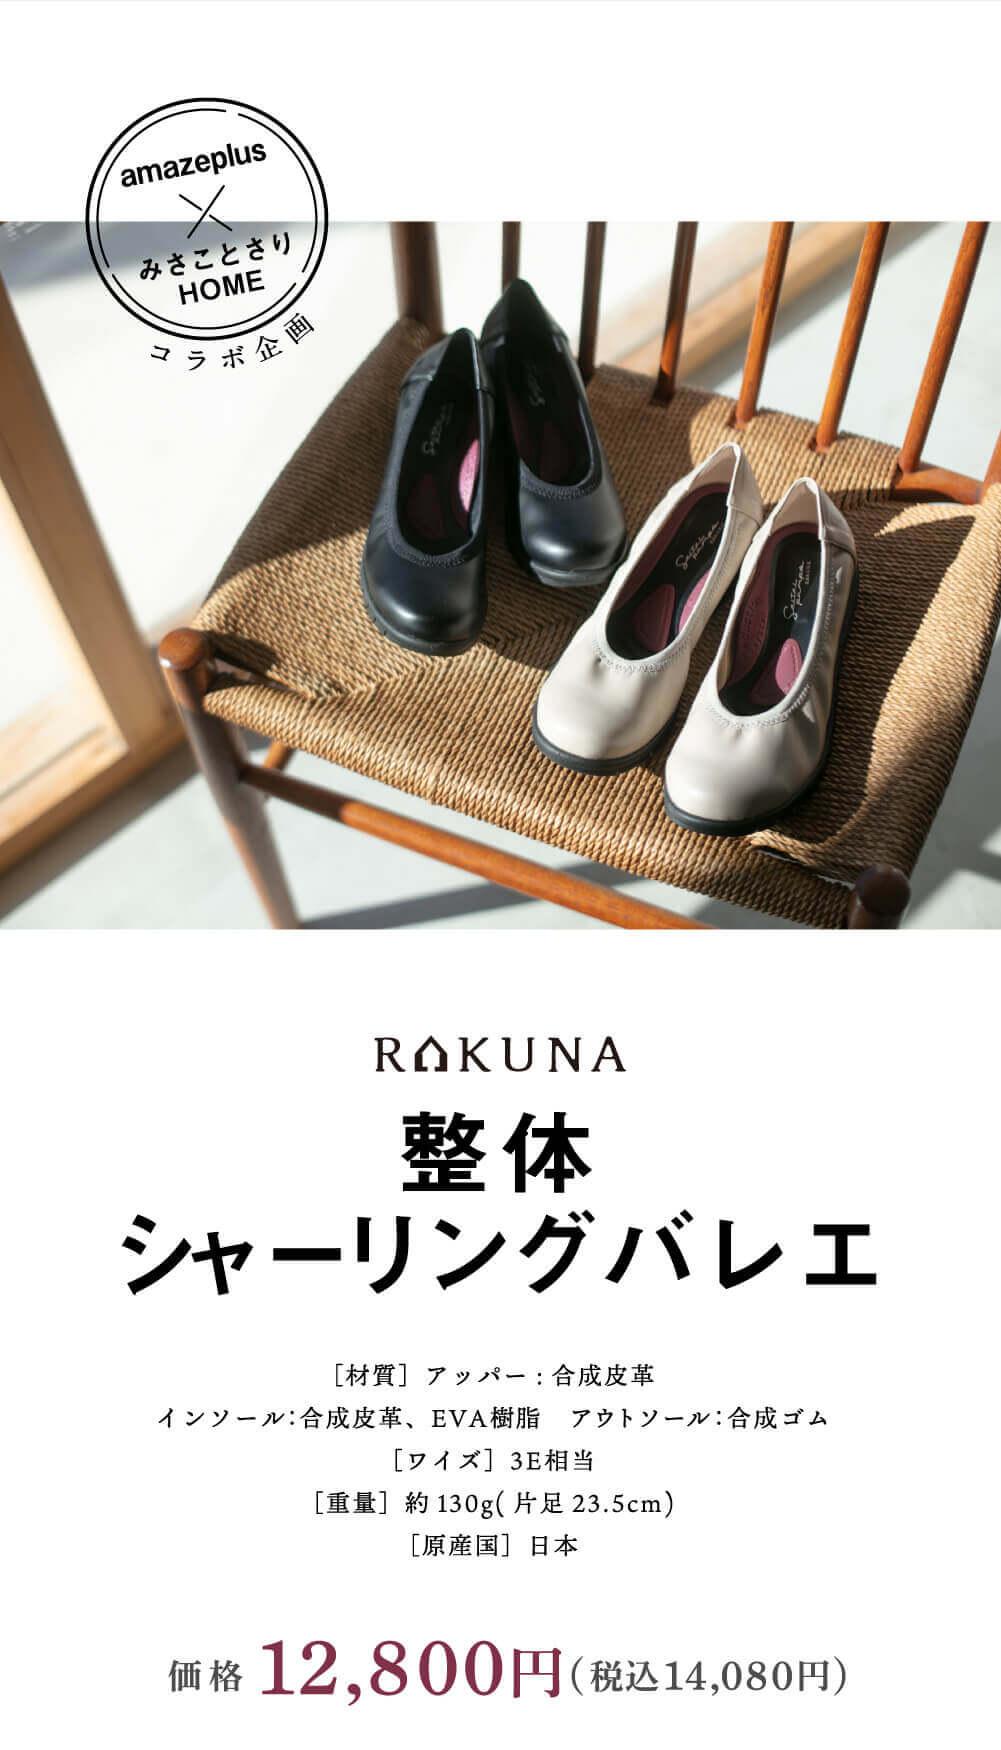 RAKUNA整体シャーリングバレエ商品詳細